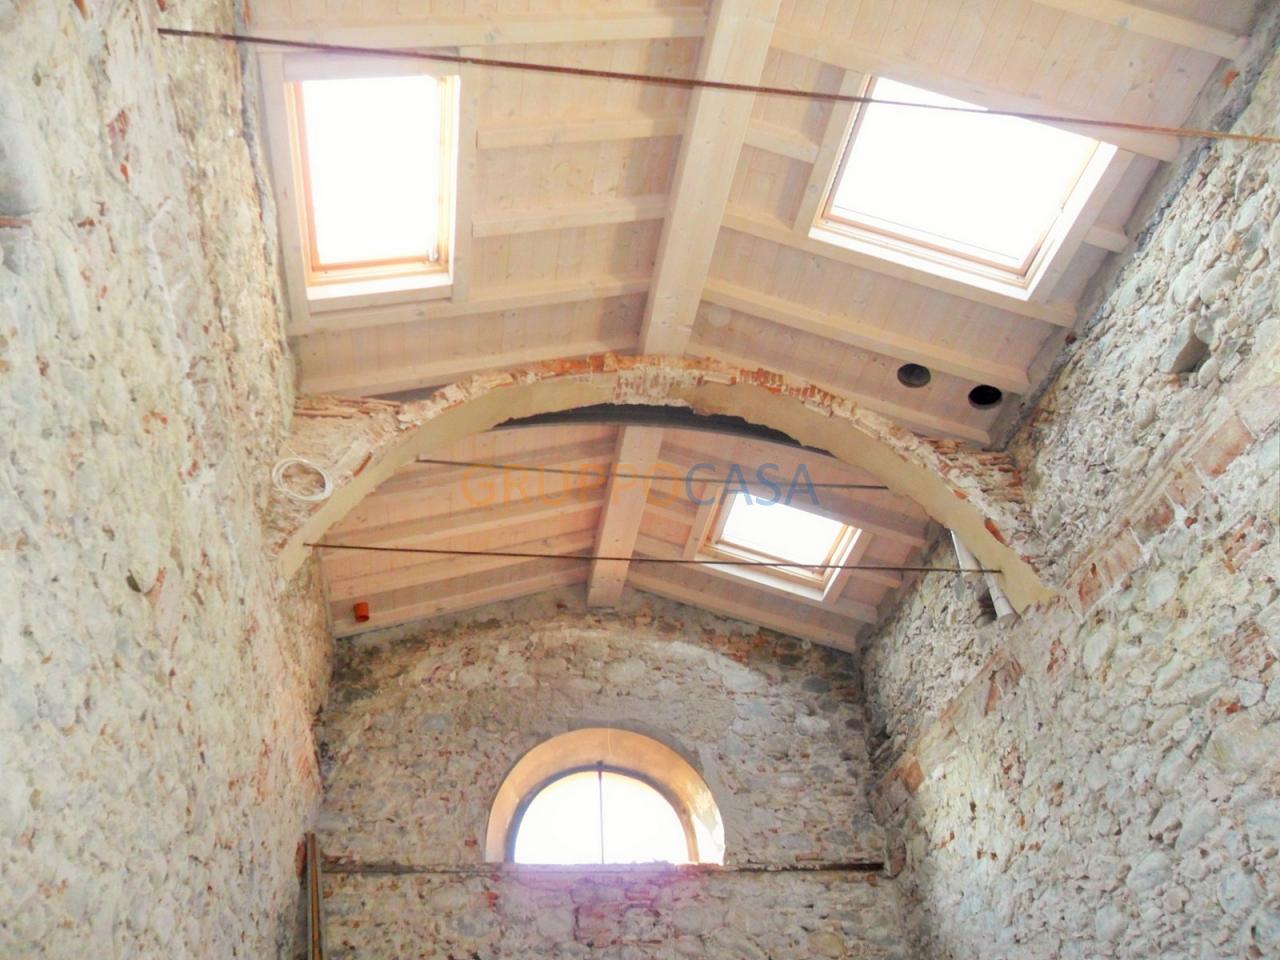 Rustico / Casale in vendita a Uzzano, 1 locali, zona Zona: Torricchio, prezzo € 80.000 | Cambio Casa.it